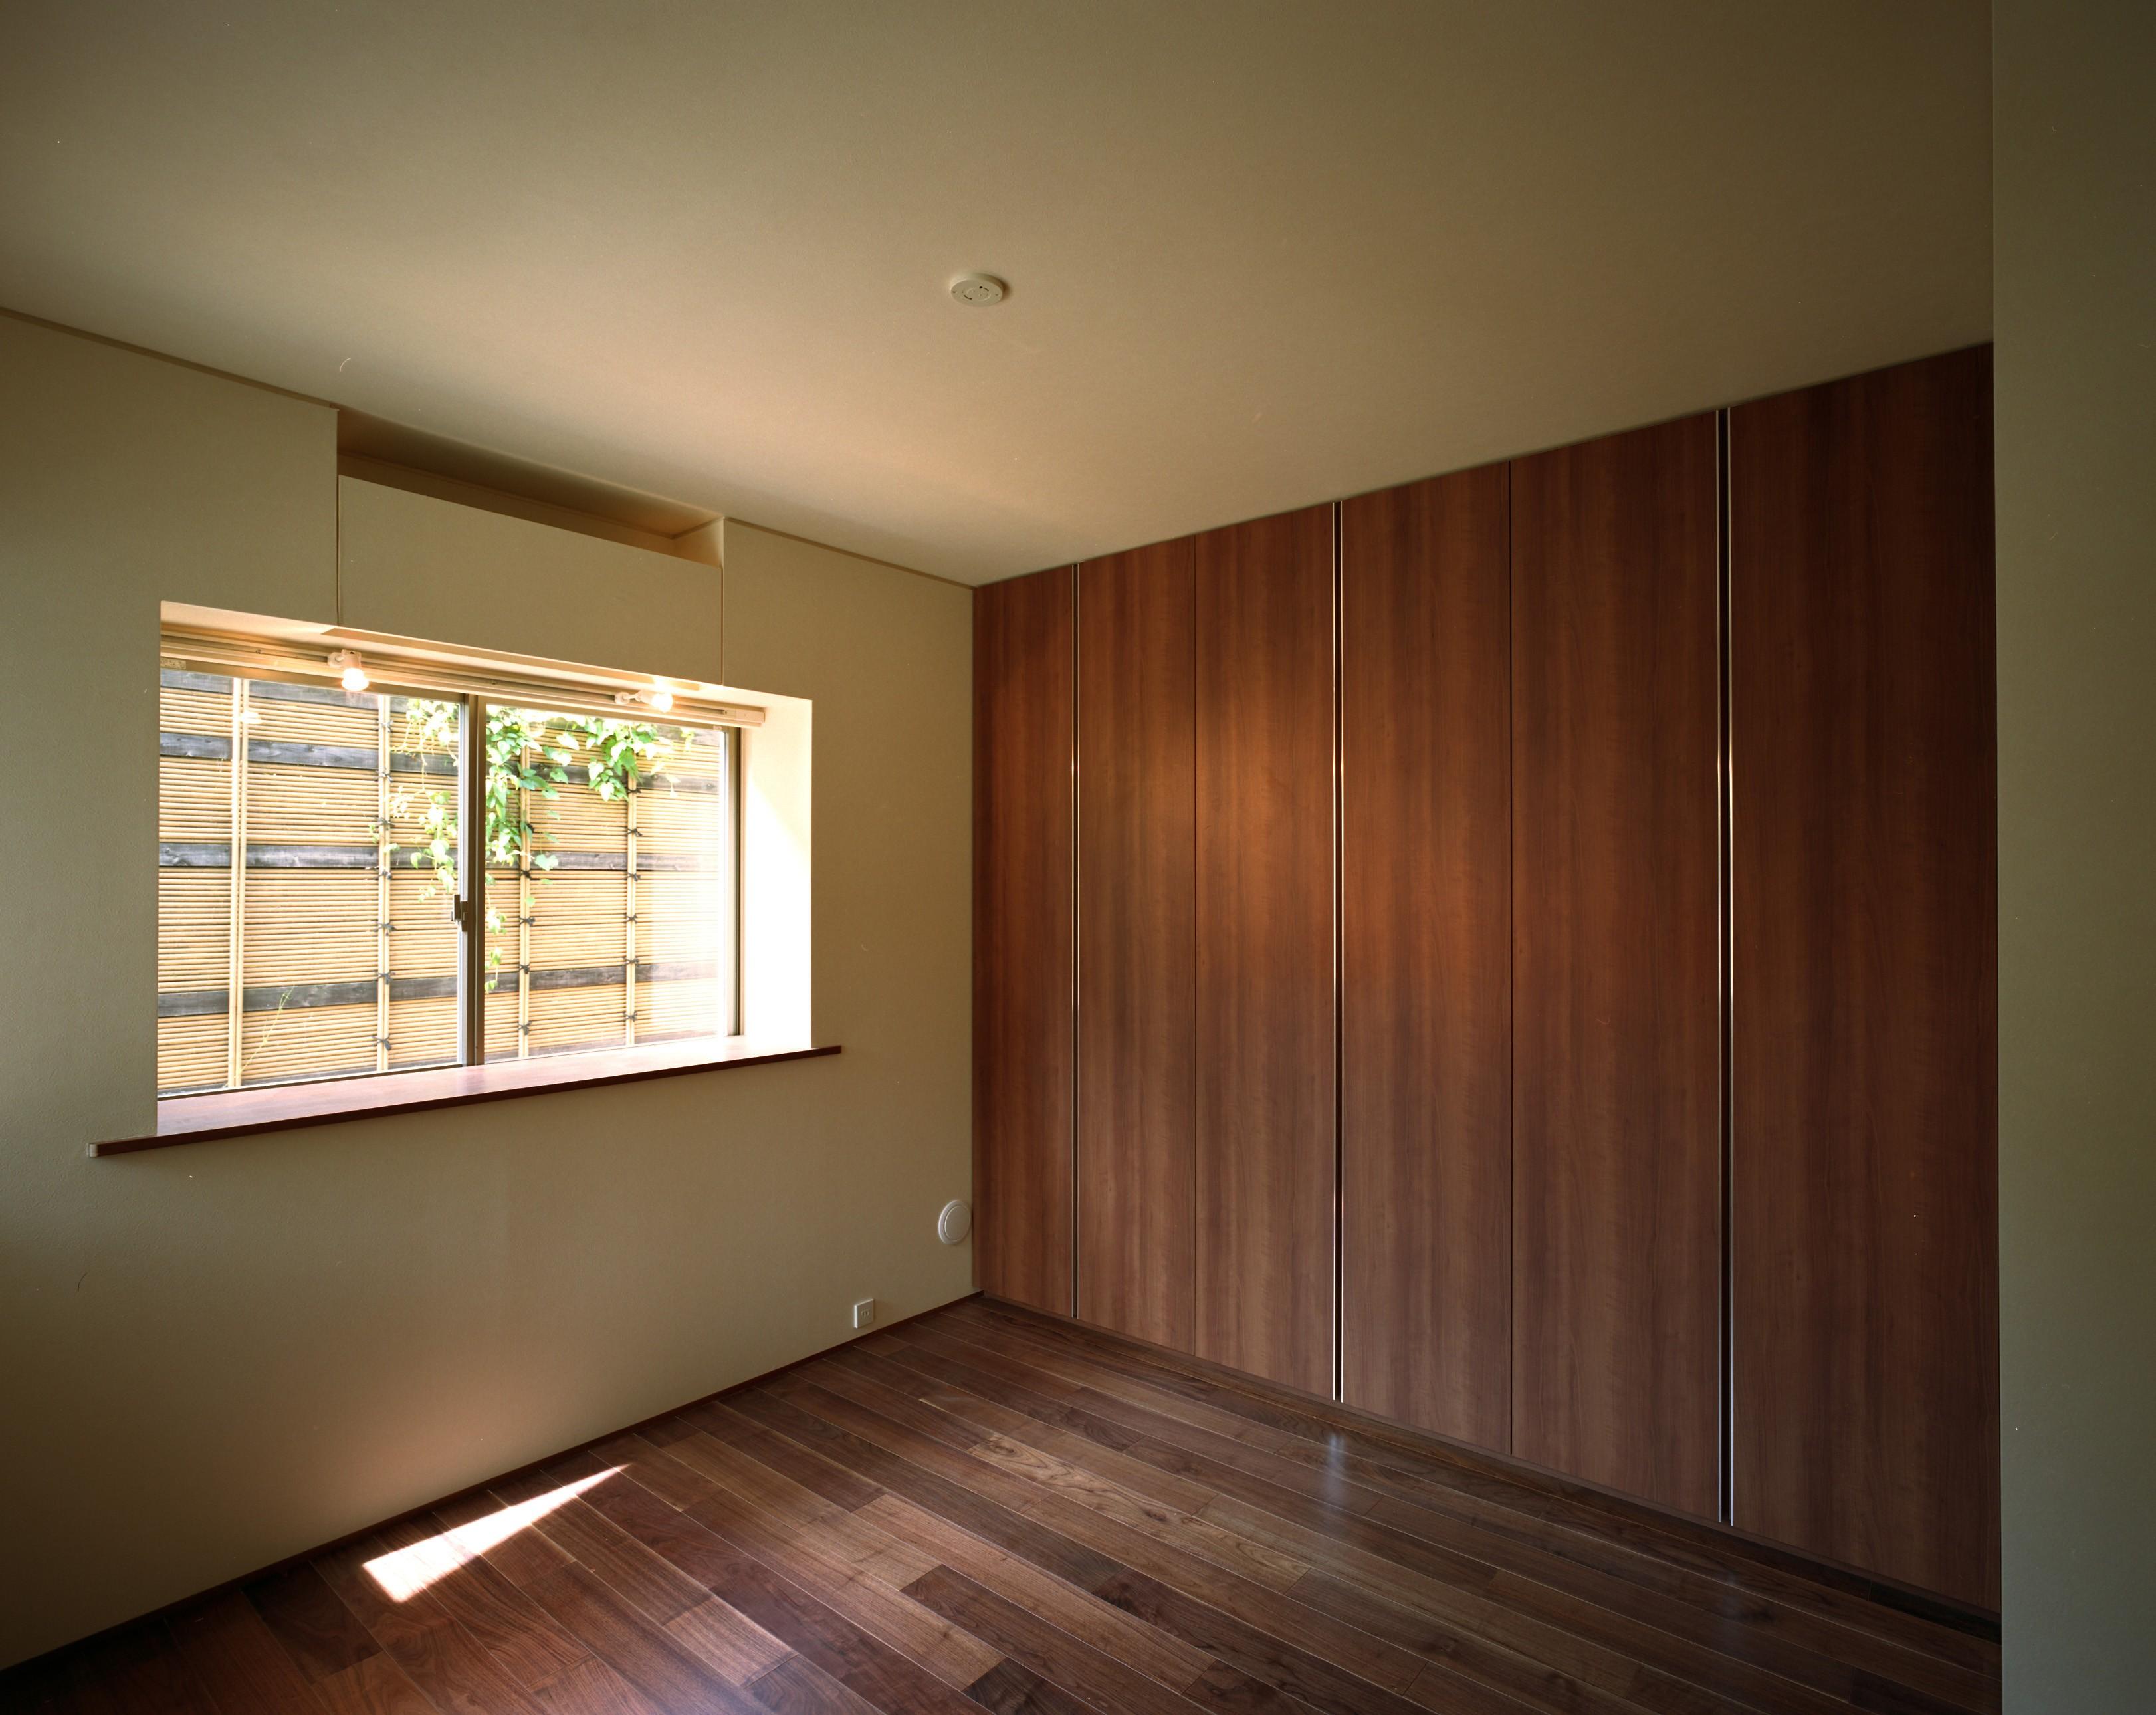 その他事例:寝室(【末広の家 - 親の家】敷地に合わせた末広がりの2世帯住宅)